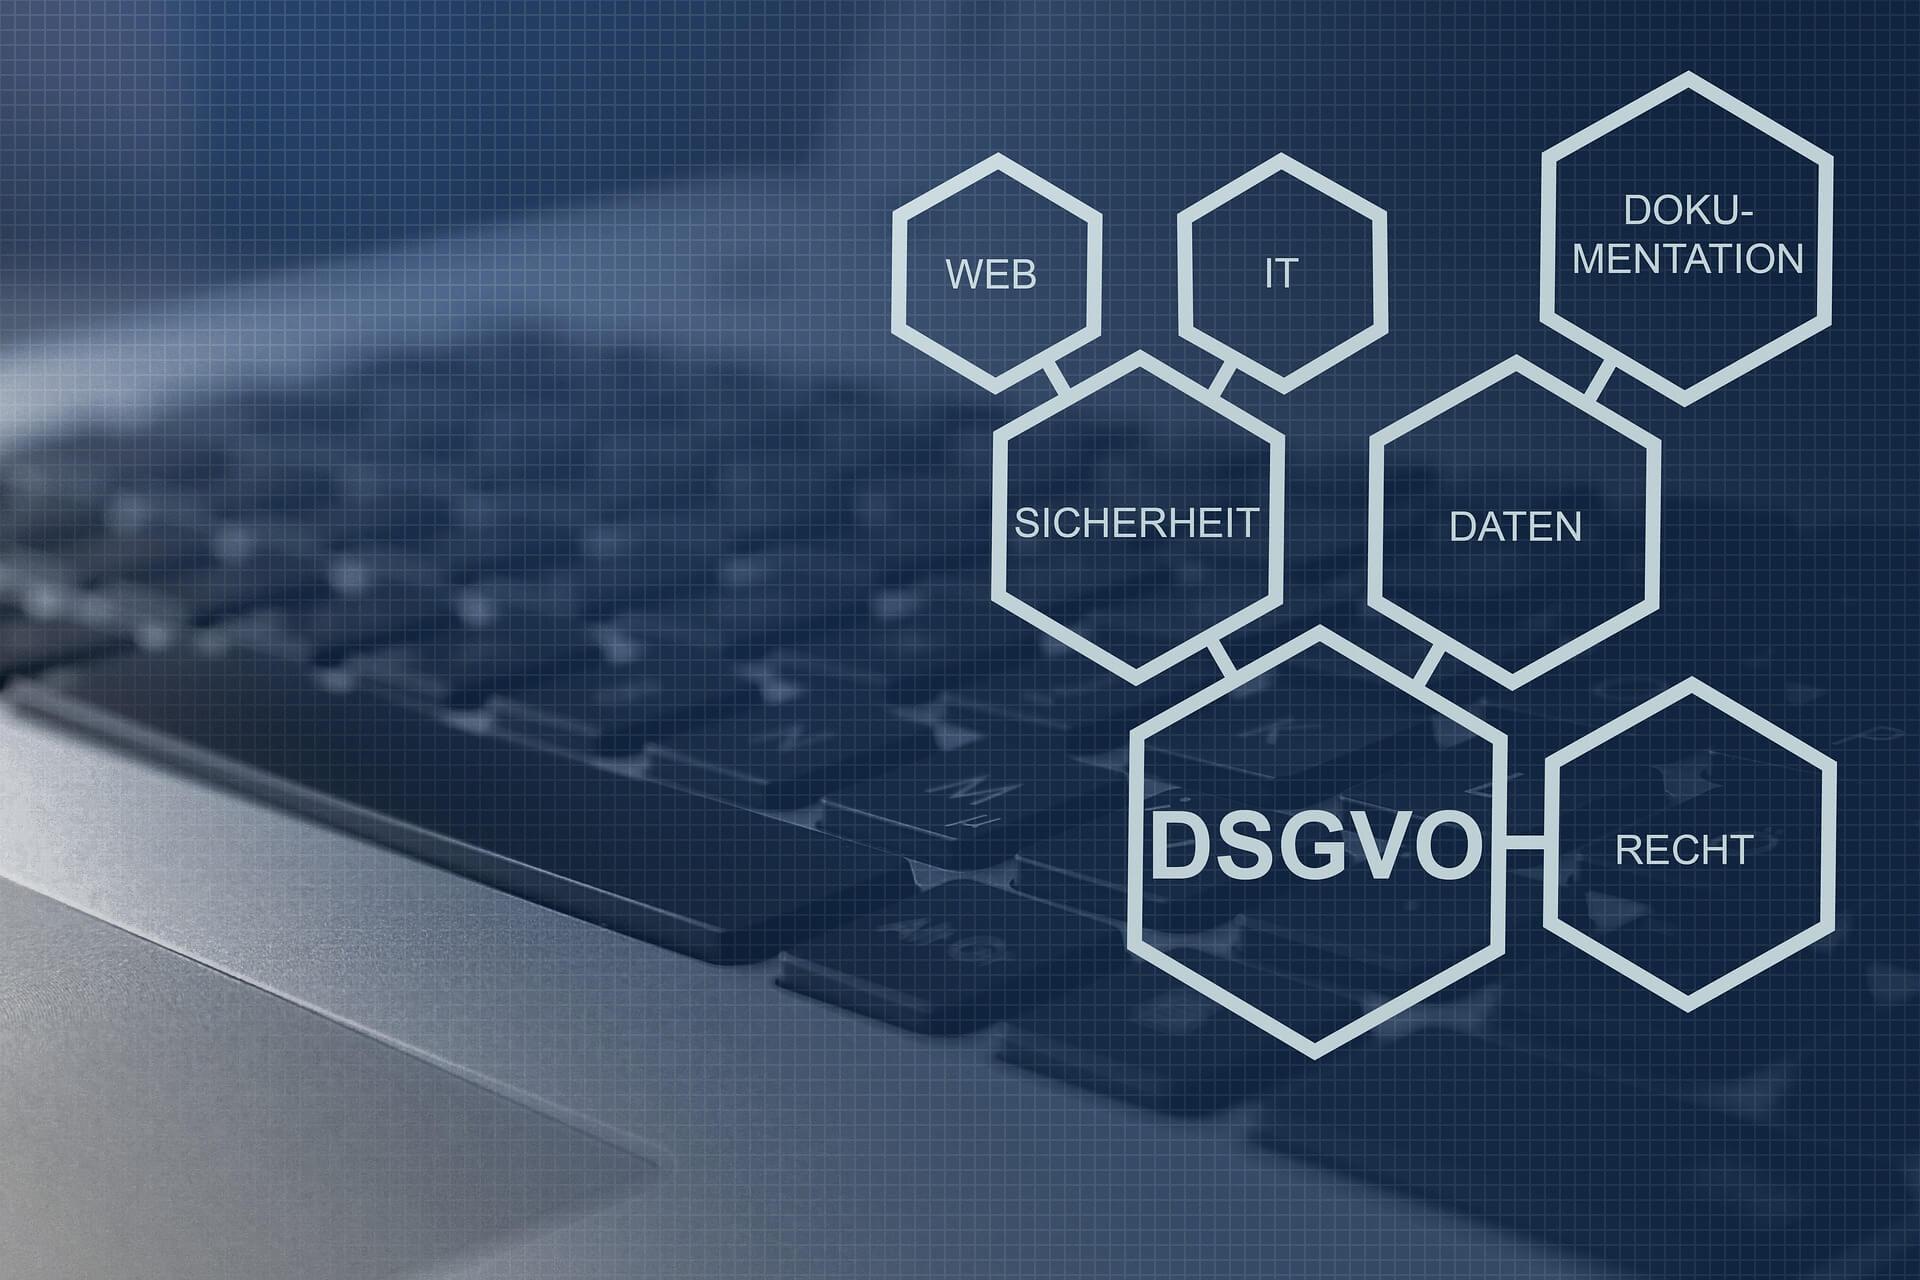 Datenschutzbeauftragte verhängt € 14,5 Mio. DSGVO-Bußgeld